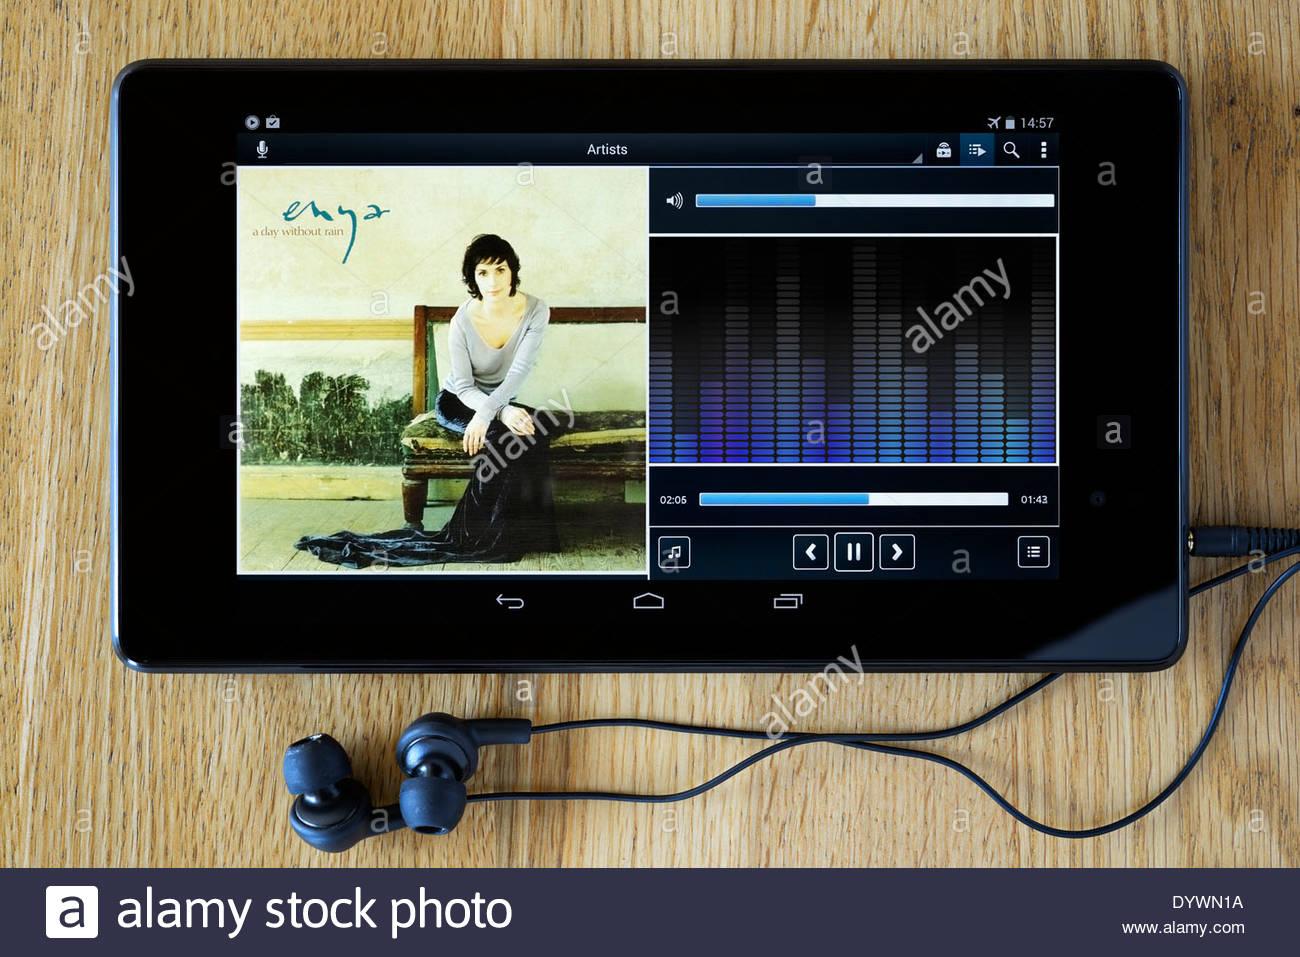 mp3 enya full album